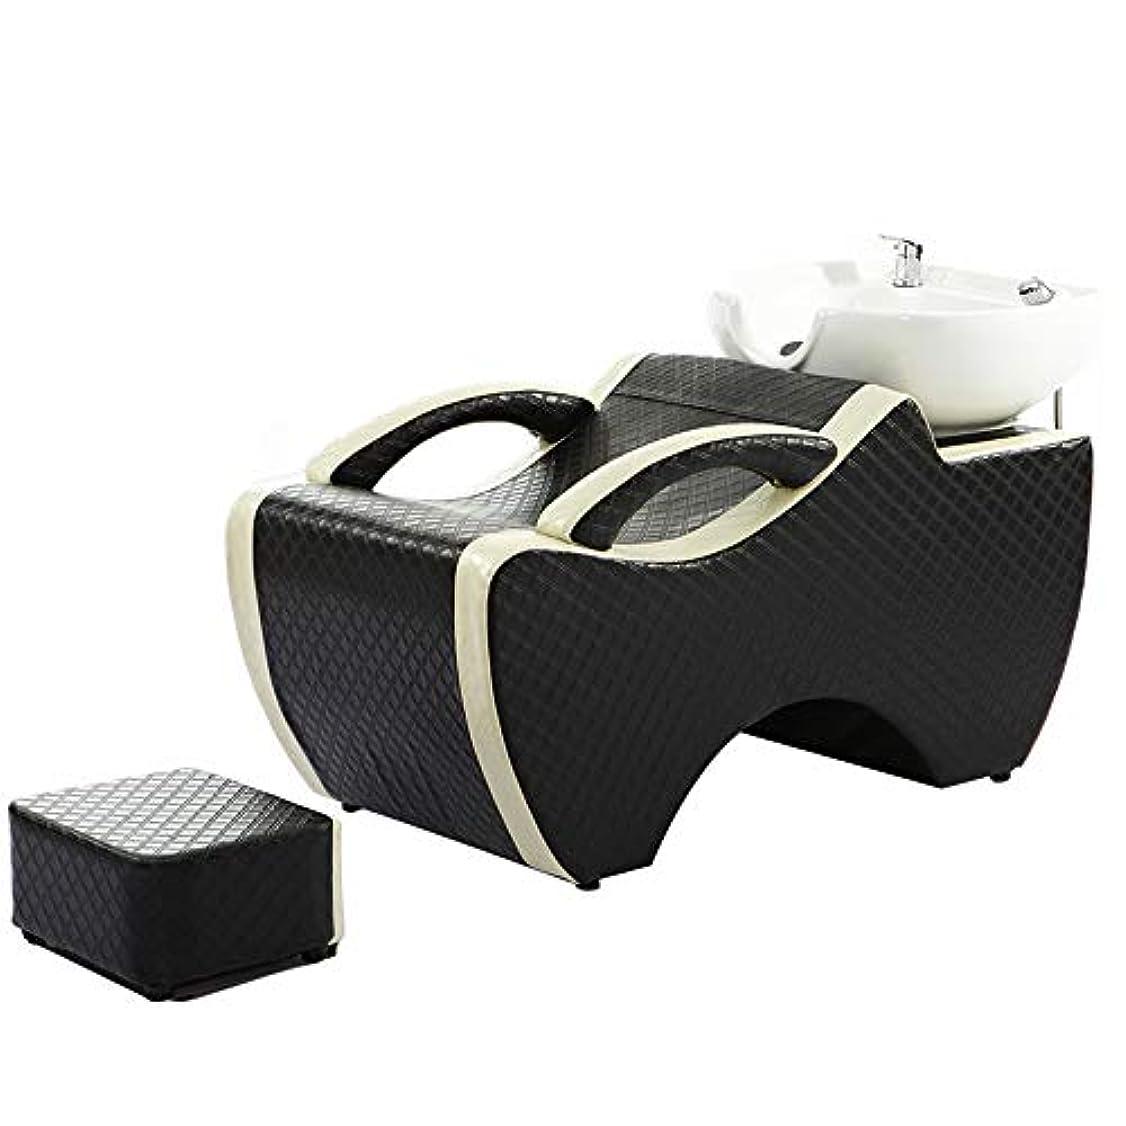 おもしろい自分の力ですべてをする追放シャンプー椅子、逆洗ユニットシャンプーボウル理髪シンク椅子用スパ美容院ベッドセラミック洗面台